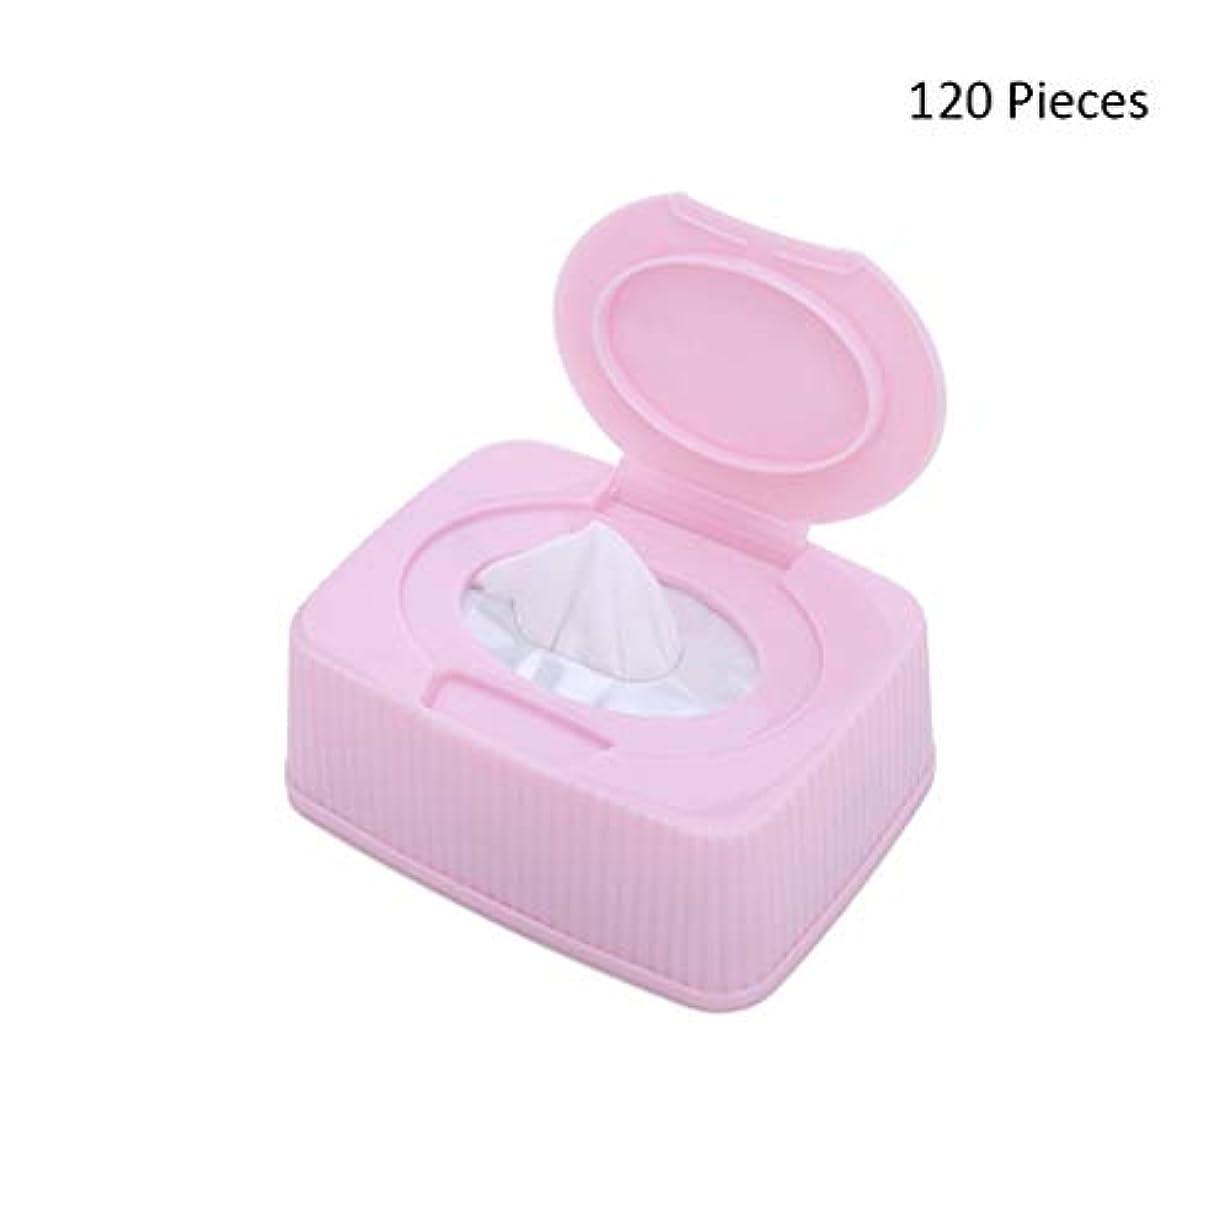 兄マカダム防ぐ120ピース/ボックスフェイスメイク落としフェイシャル化粧品リムーバーパッドメイクアップコットンクリーナースキンケアワイプフェイスウォッシュコットンパッド (Color : Pink, サイズ : 120 pieces)